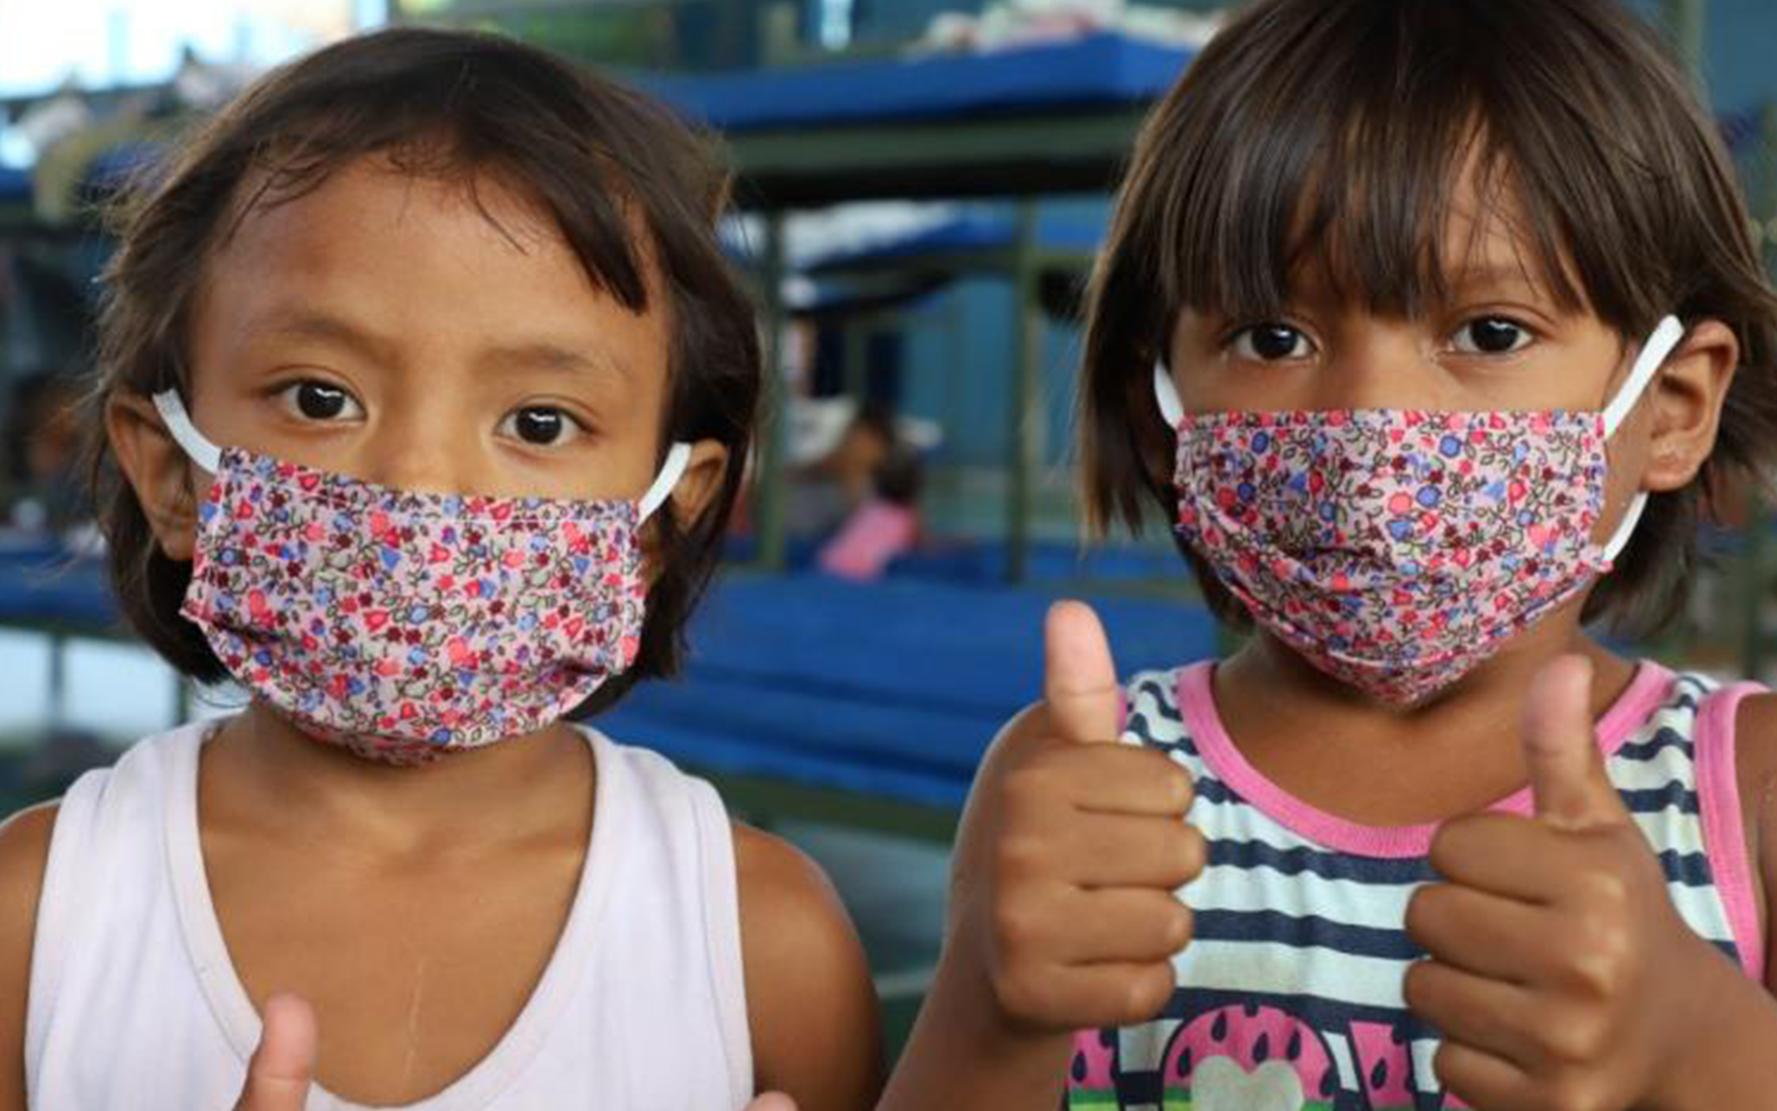 Salvaguardar la vida y la integridad de las niñas y las adolescentes de Guatemala, Día mundial de población 2020